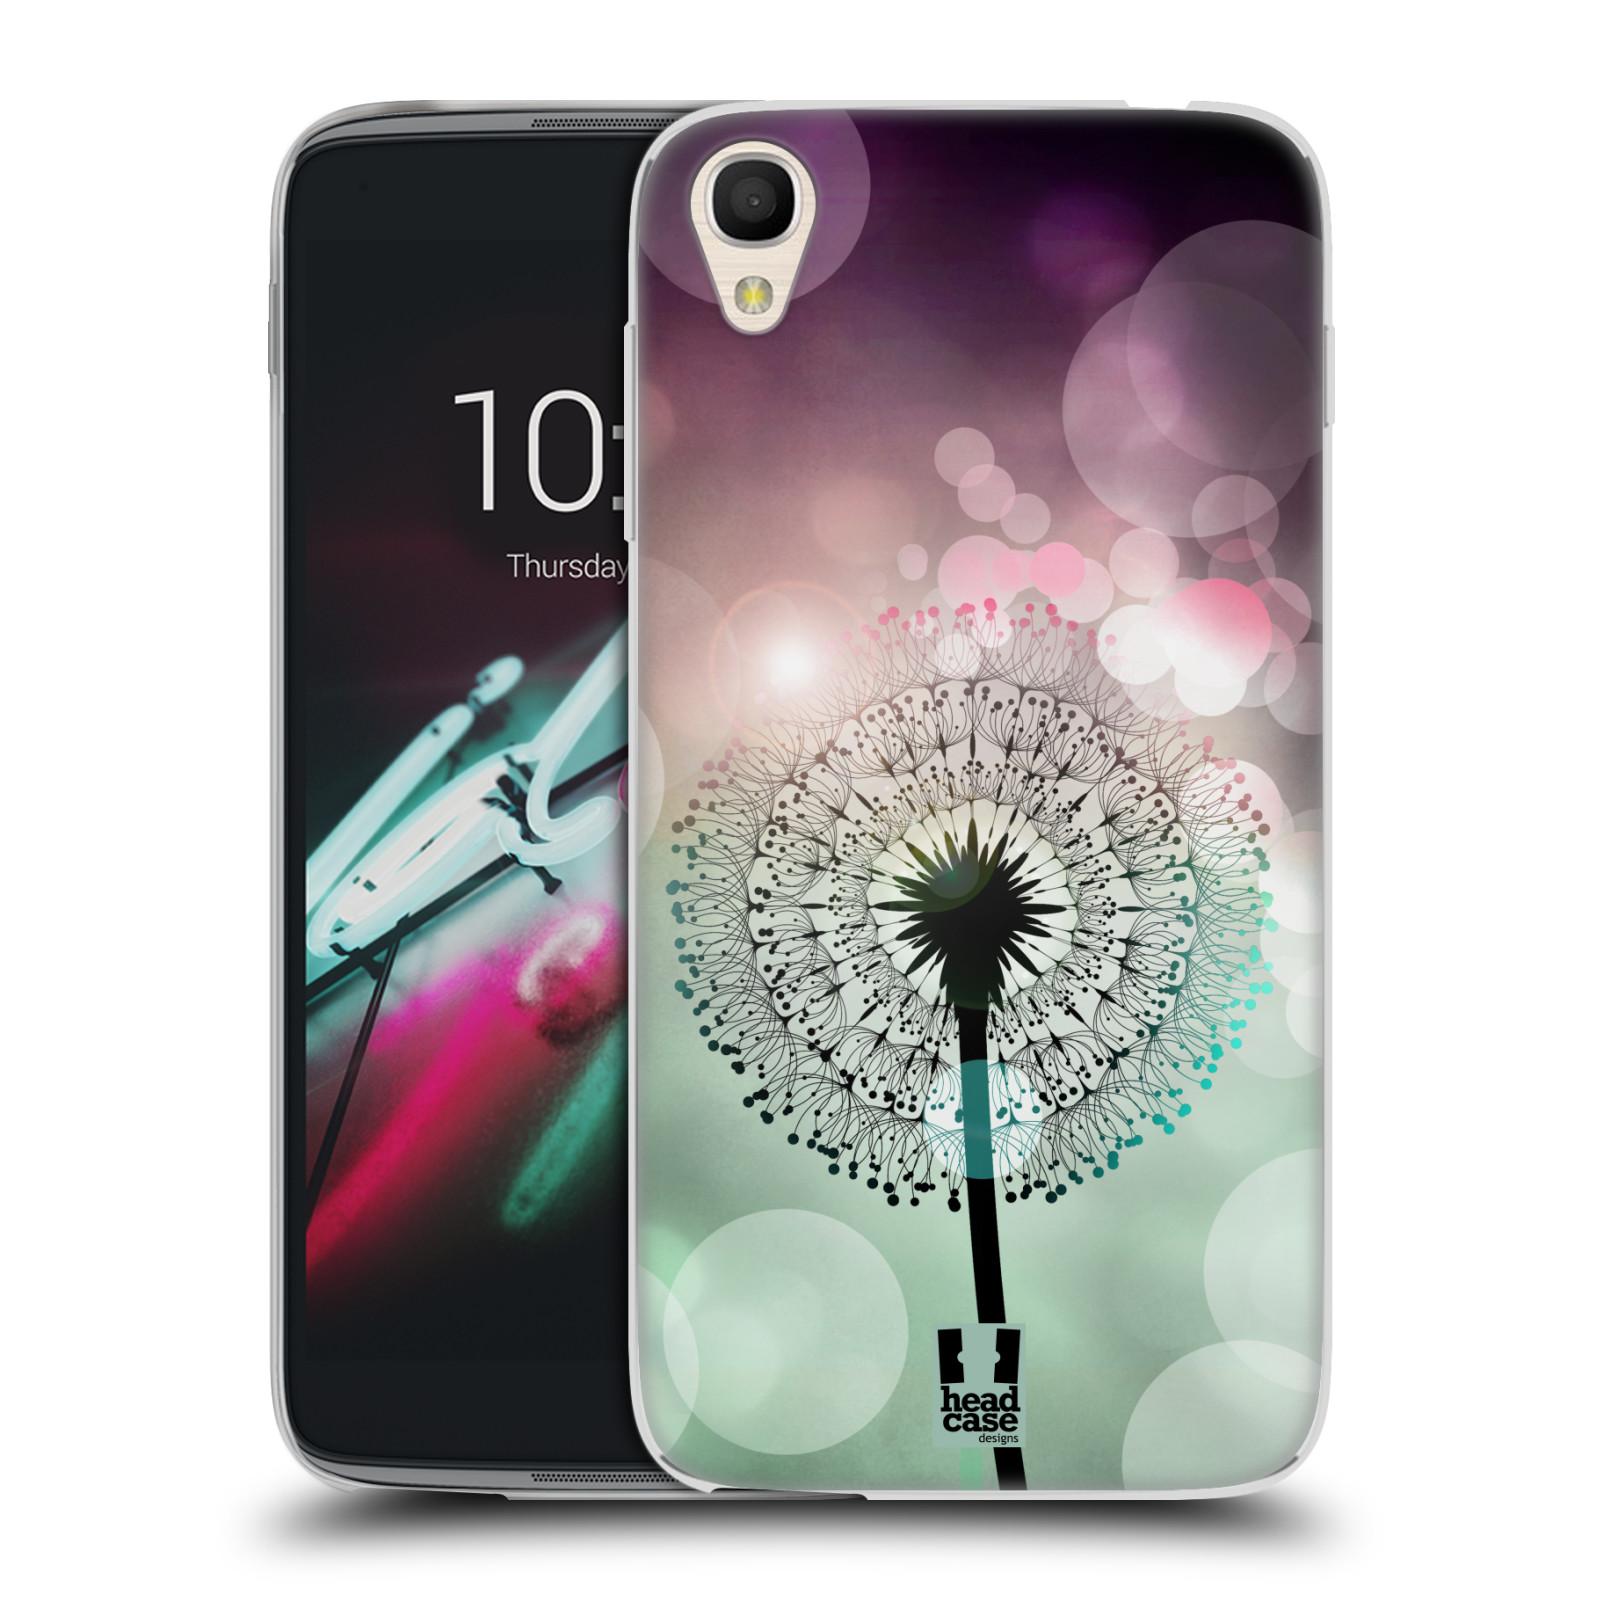 """Silikonové pouzdro na mobil Alcatel One Touch 6039Y Idol 3 HEAD CASE Pampeliškové odlesky (Silikonový kryt či obal na mobilní telefon Alcatel One Touch Idol 3 OT-6039Y s 4,7"""" displejem)"""